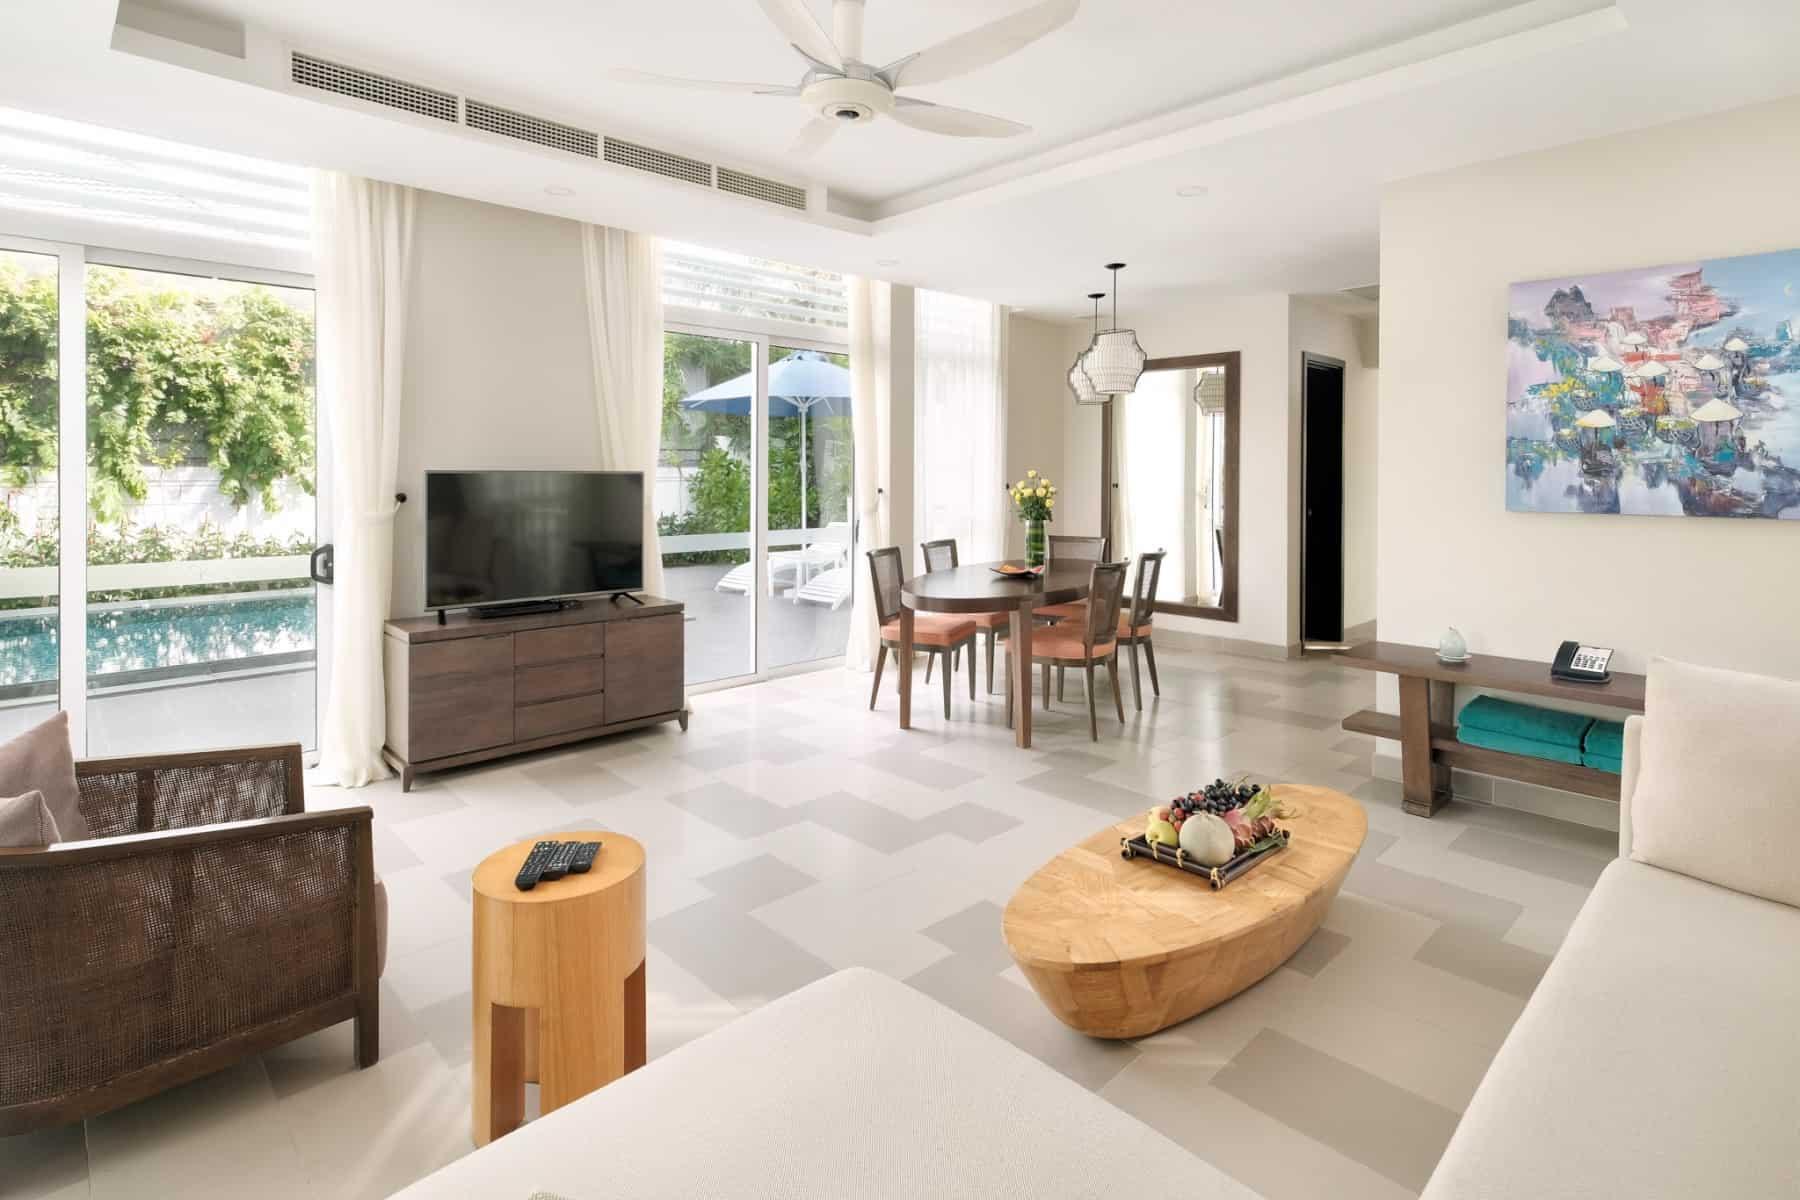 Phòng khách với thiết kế thanh lịch, trang nhã